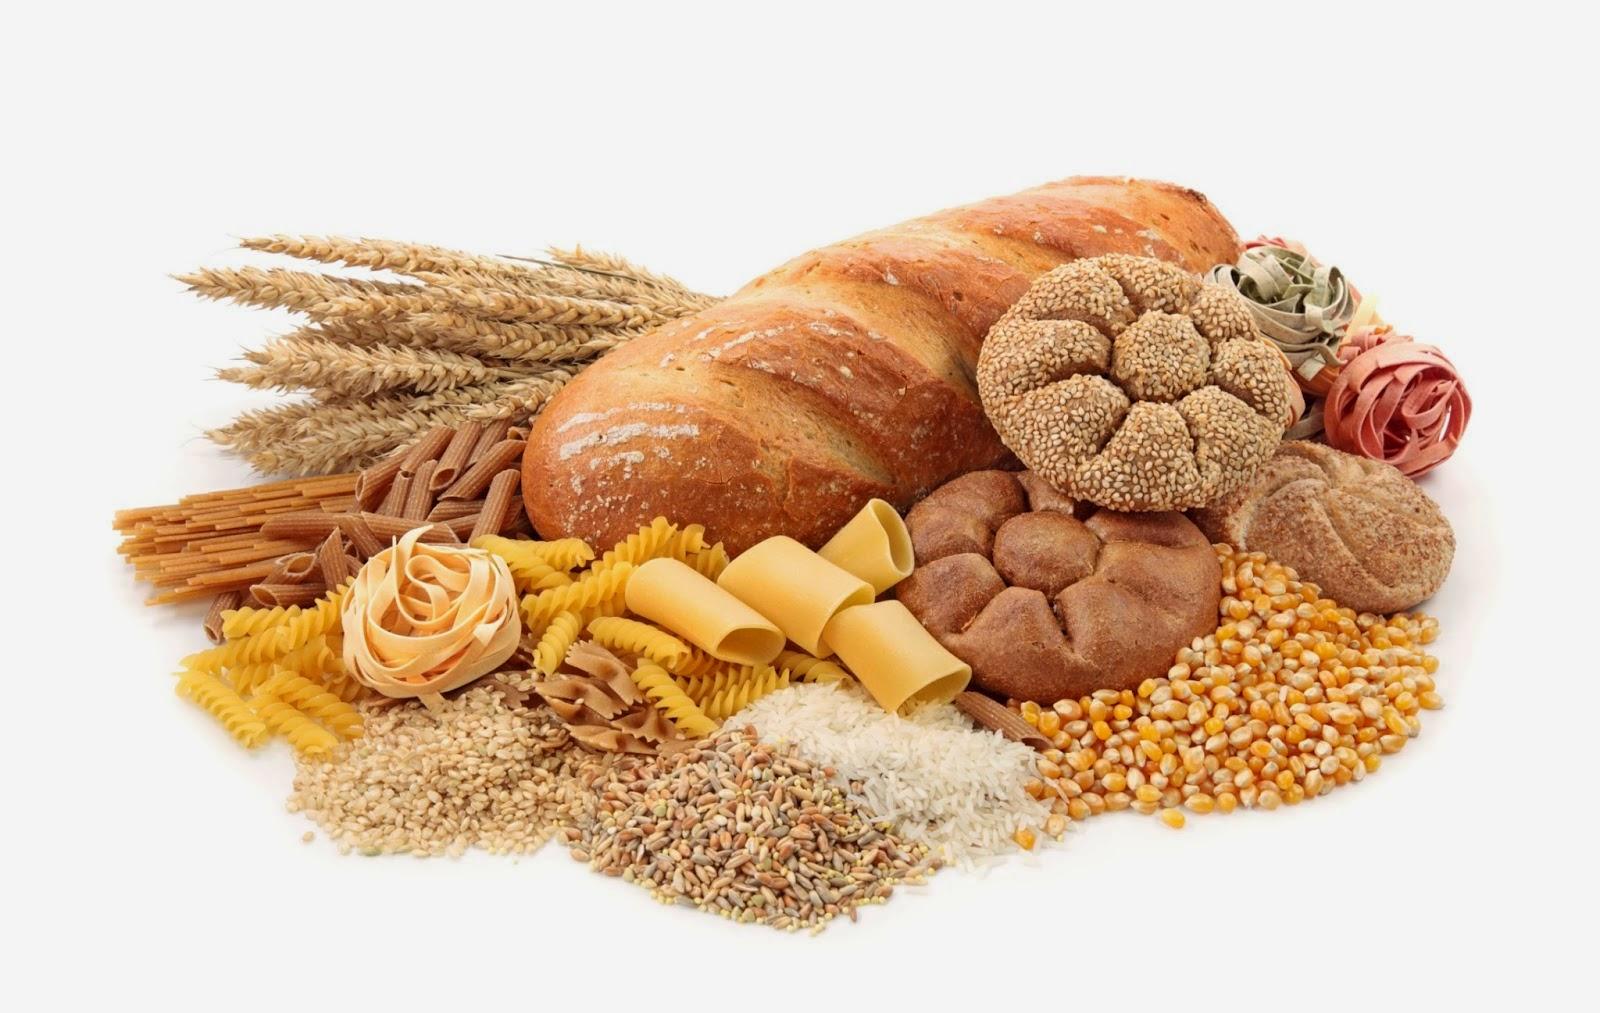 Según estudio, los carbohidratos son peores para el corazón que las grasas animales